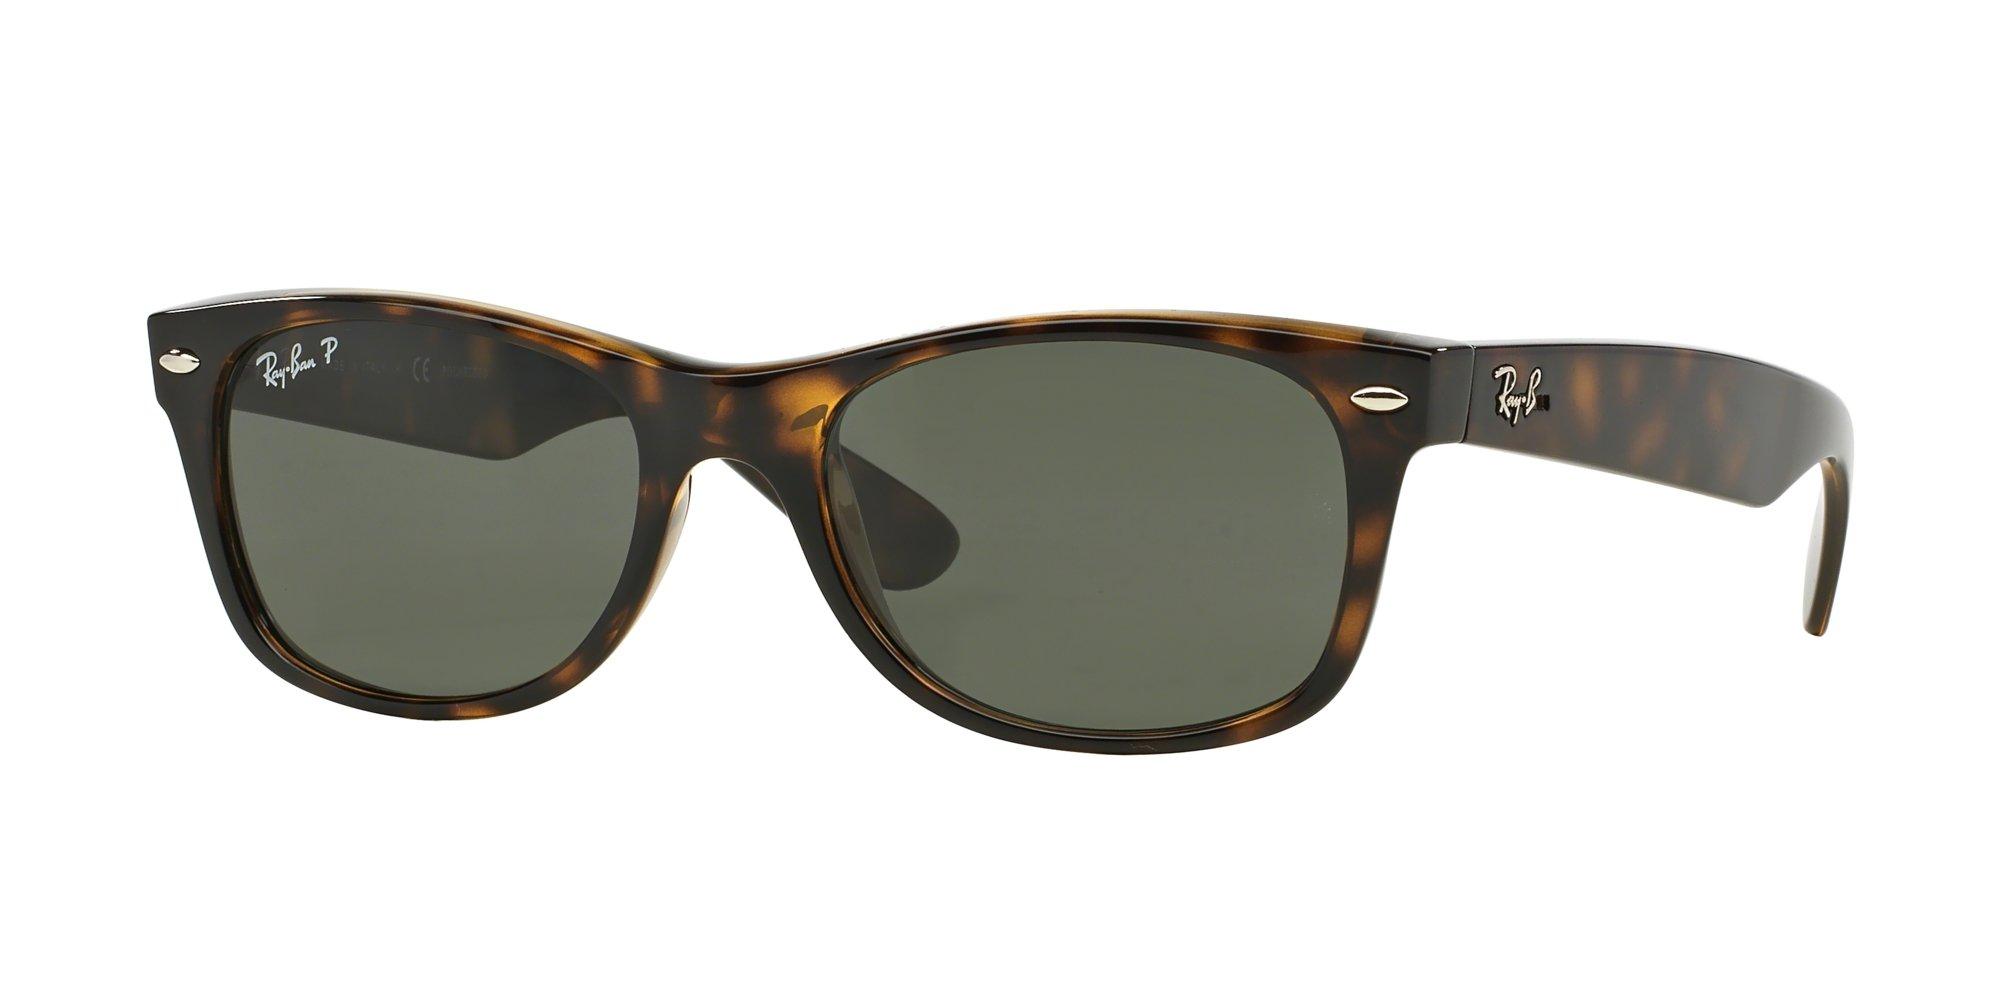 Ray-Ban RB2132 NEW WAYFARER 902/58 55M Tortoise/Crystal Green Polarized Sunglasses For Men For Women